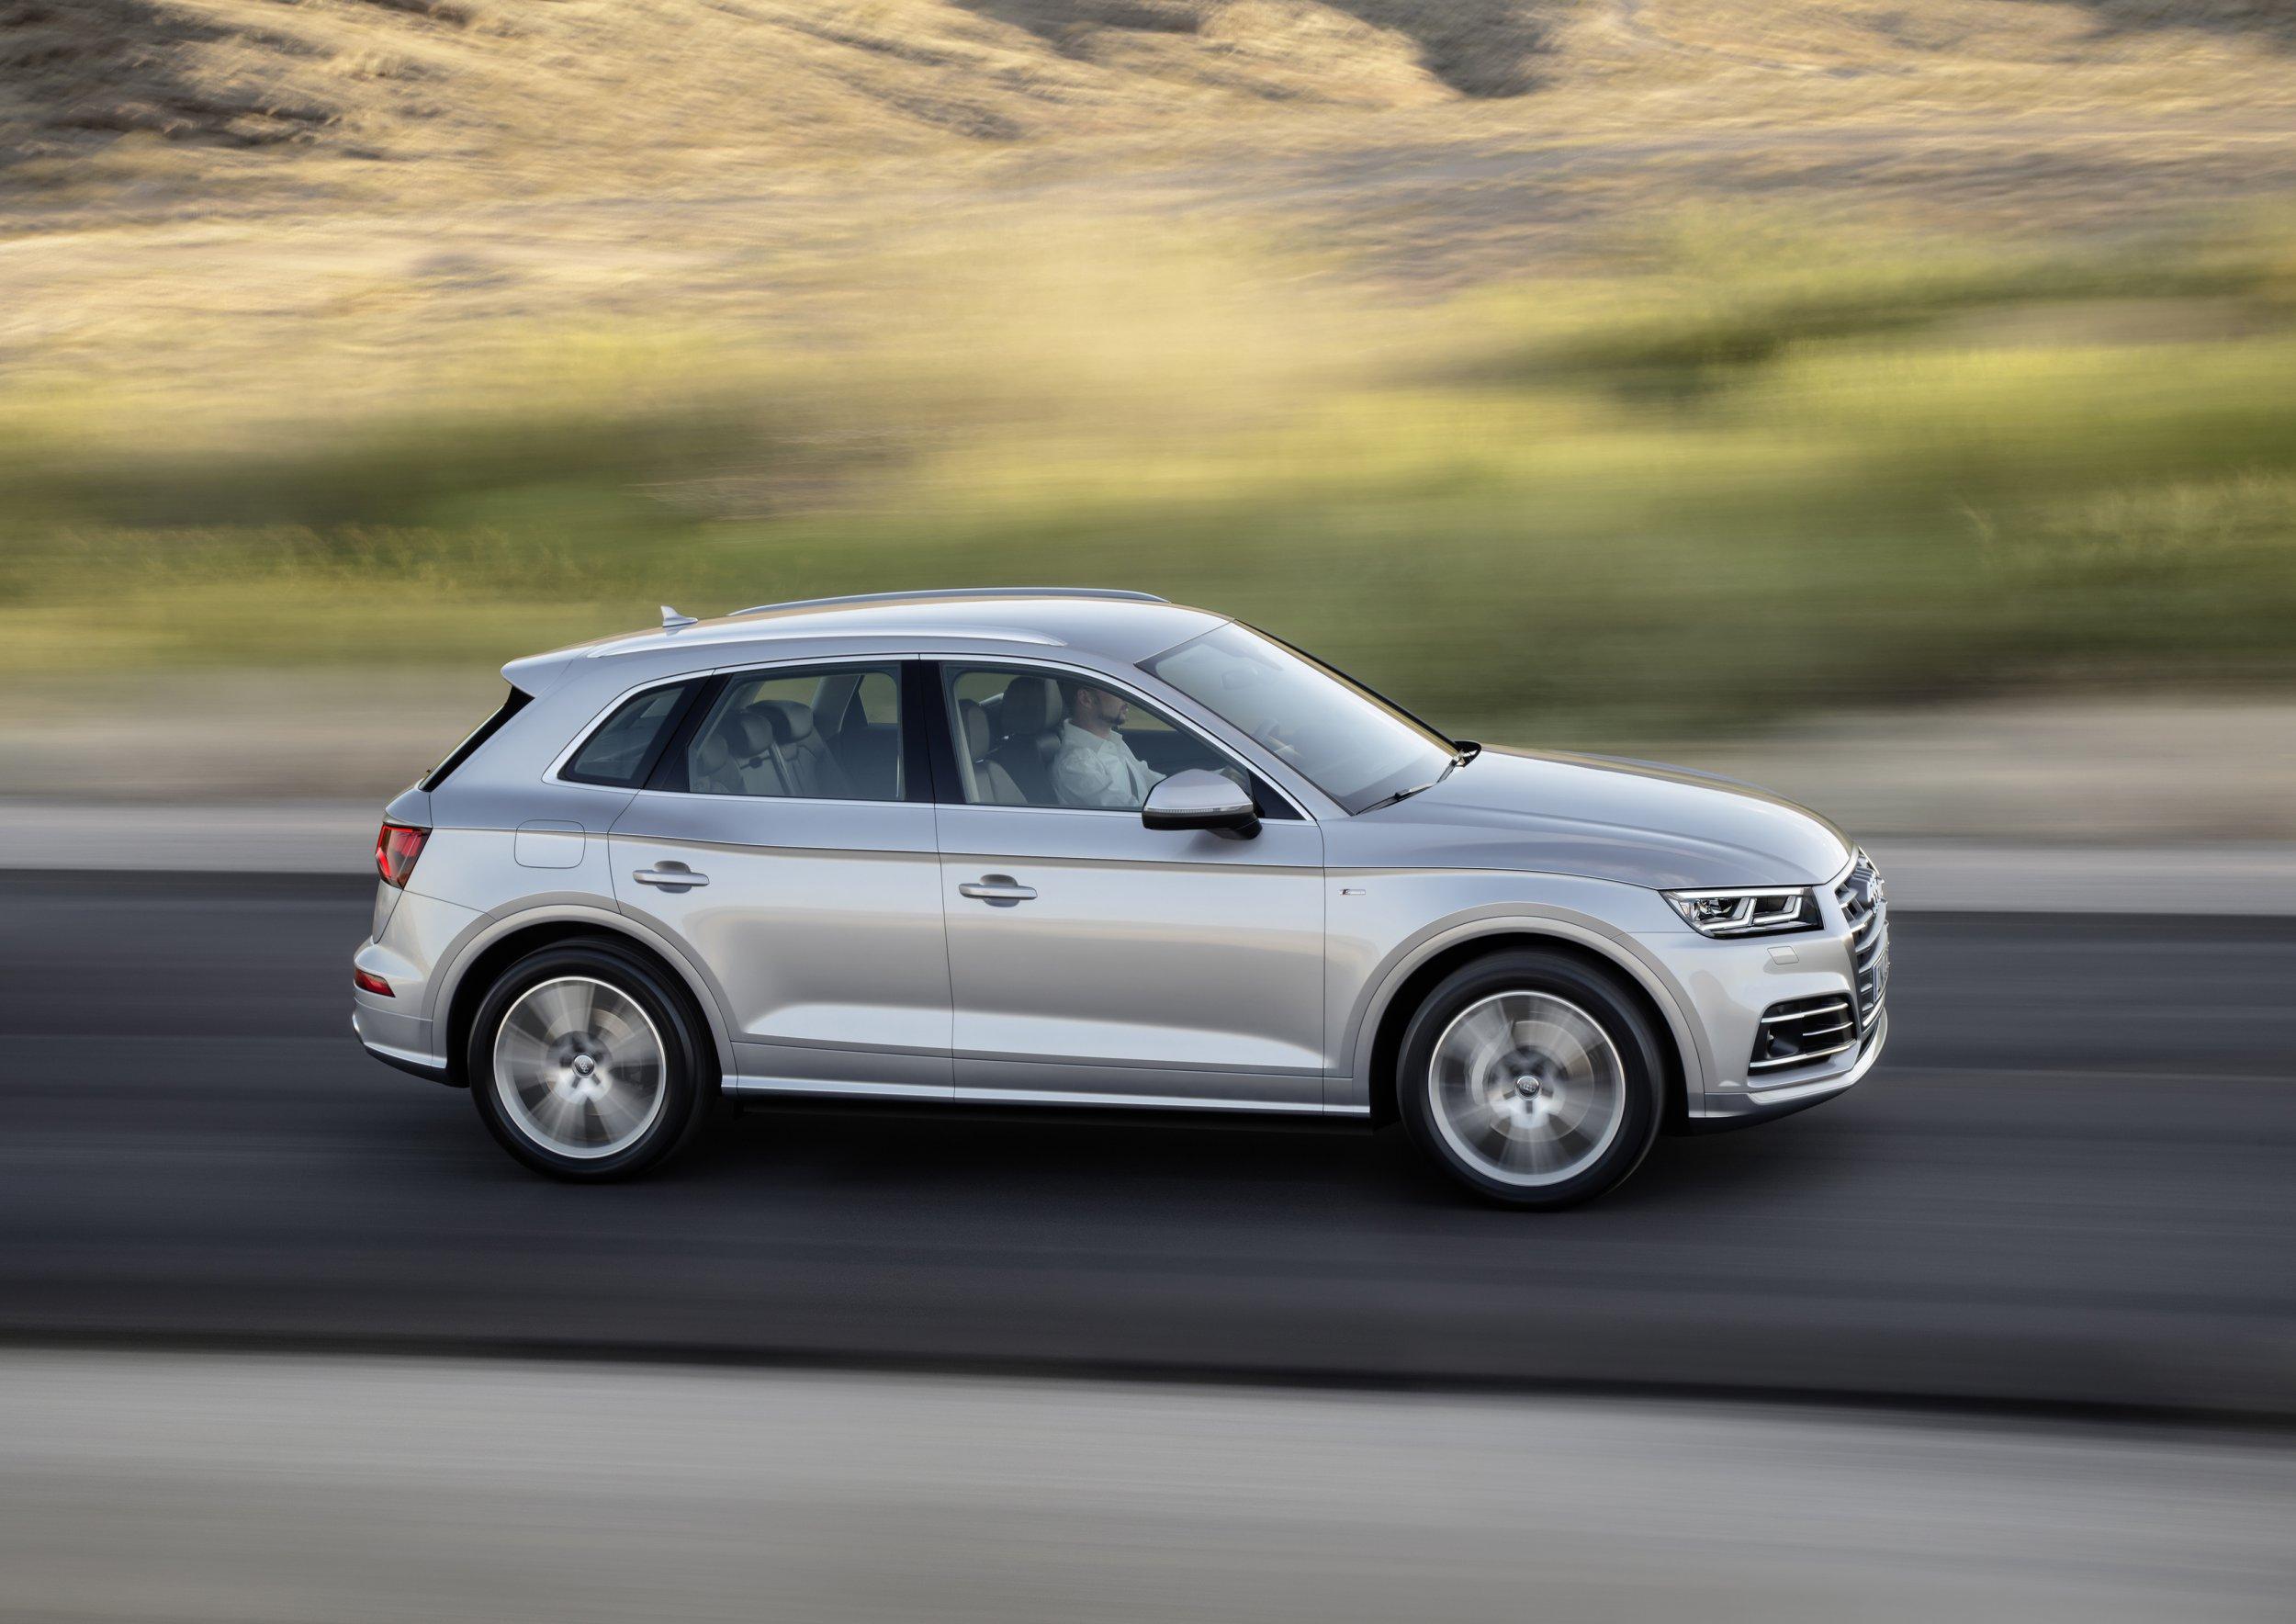 Audi Q5 - 2017 - Autovisie.nl